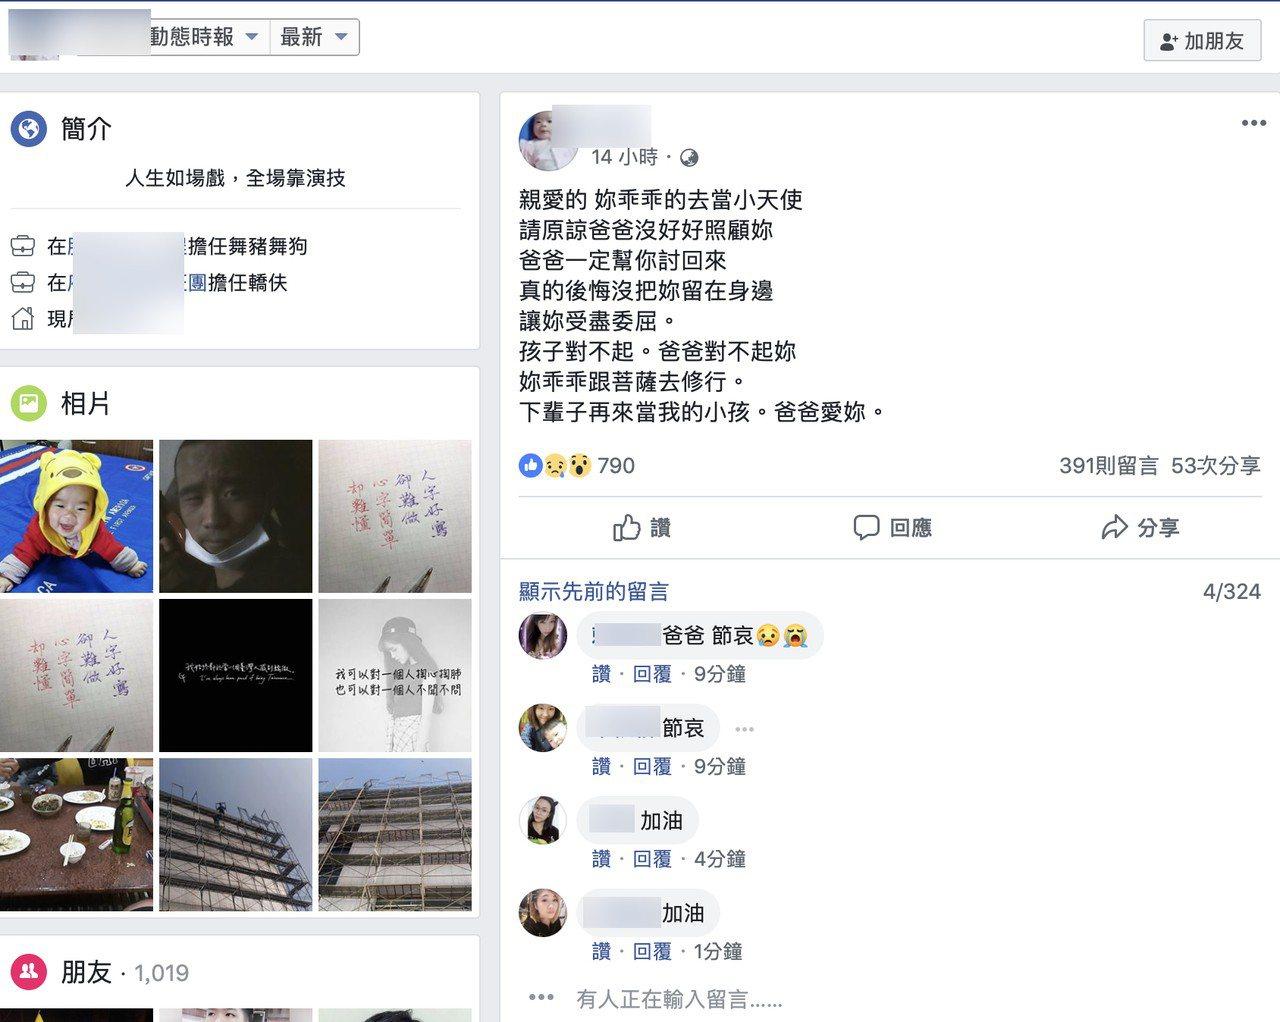 台南女童遭虐致死,女童生父在得知消息後在臉書自責,「爸爸沒好好照顧妳,爸爸一定幫...